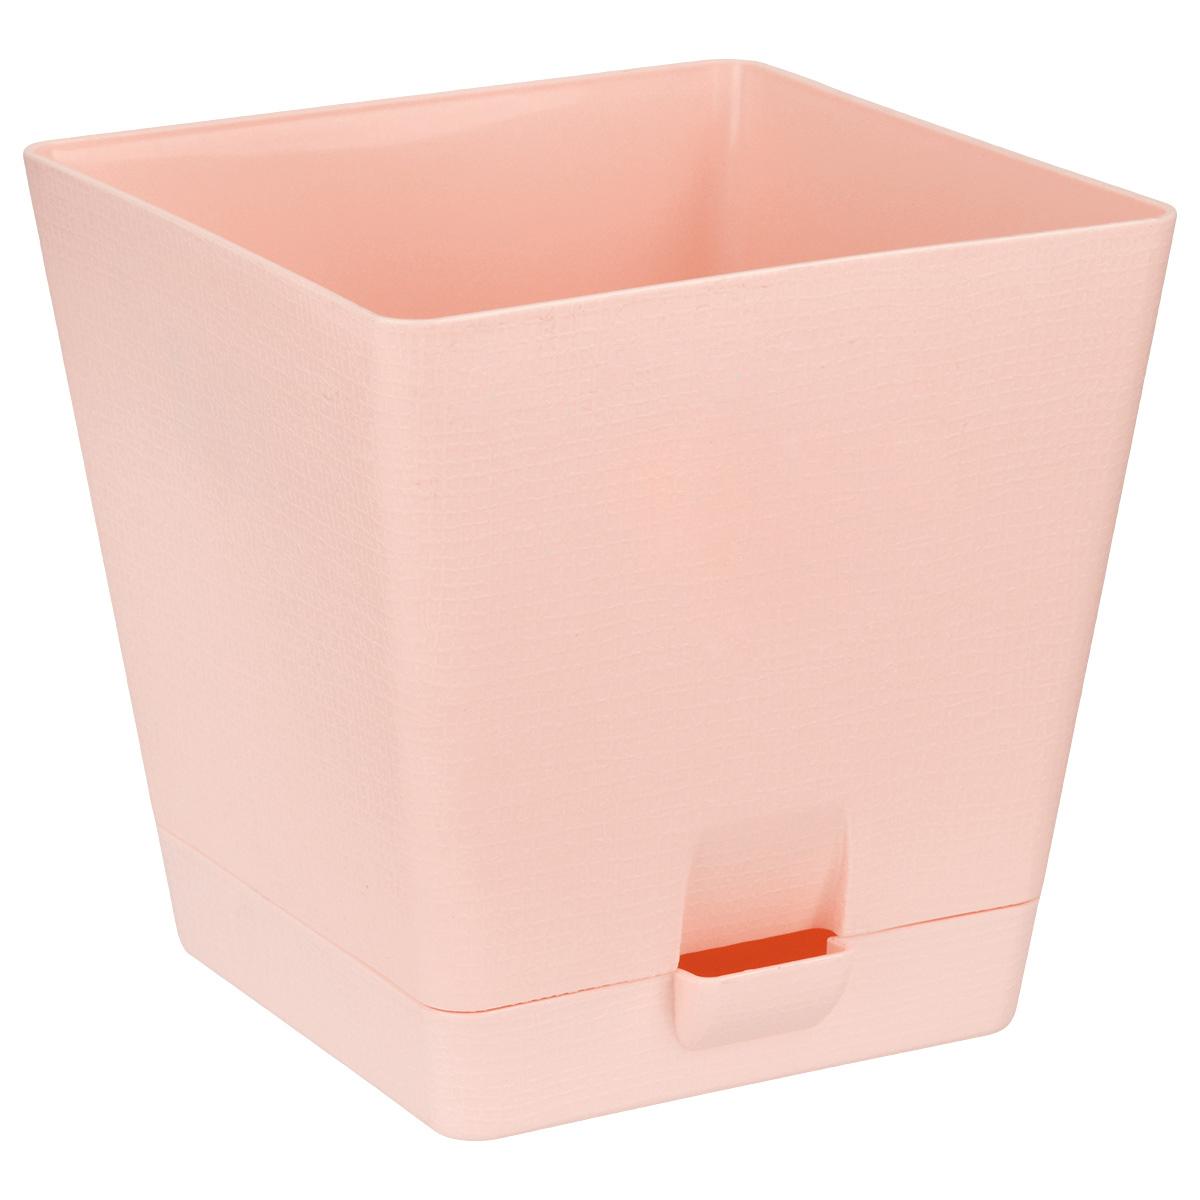 Горшок для цветов Le Parterre, с поддоном, цвет: розовый, 2 л211-3Горшок для цветов Le Parterre с системой прикорневого полива выполнен из полипропилена (пластика) и предназначен для выращивания в нем цветов, растений и трав. Система прикорневого полива способствует вентиляции и дренажу корневой системы растения. Такой горшок порадует вас современным дизайном и функциональностью, а также оригинально украсит интерьер помещения.